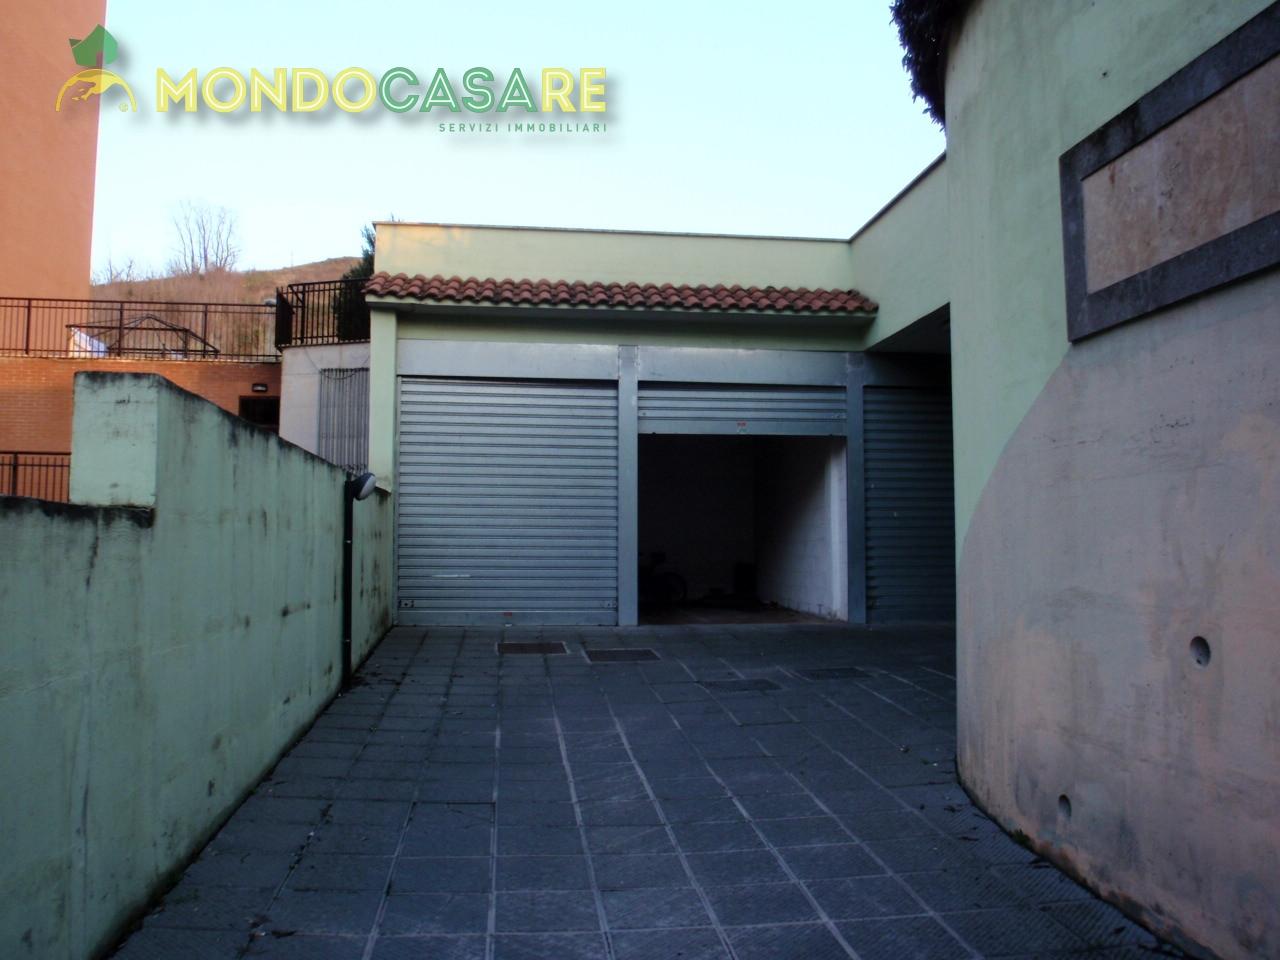 Magazzino in vendita a Monterotondo, 1 locali, zona Località: MonterotondoScalo, prezzo € 18.000   Cambio Casa.it